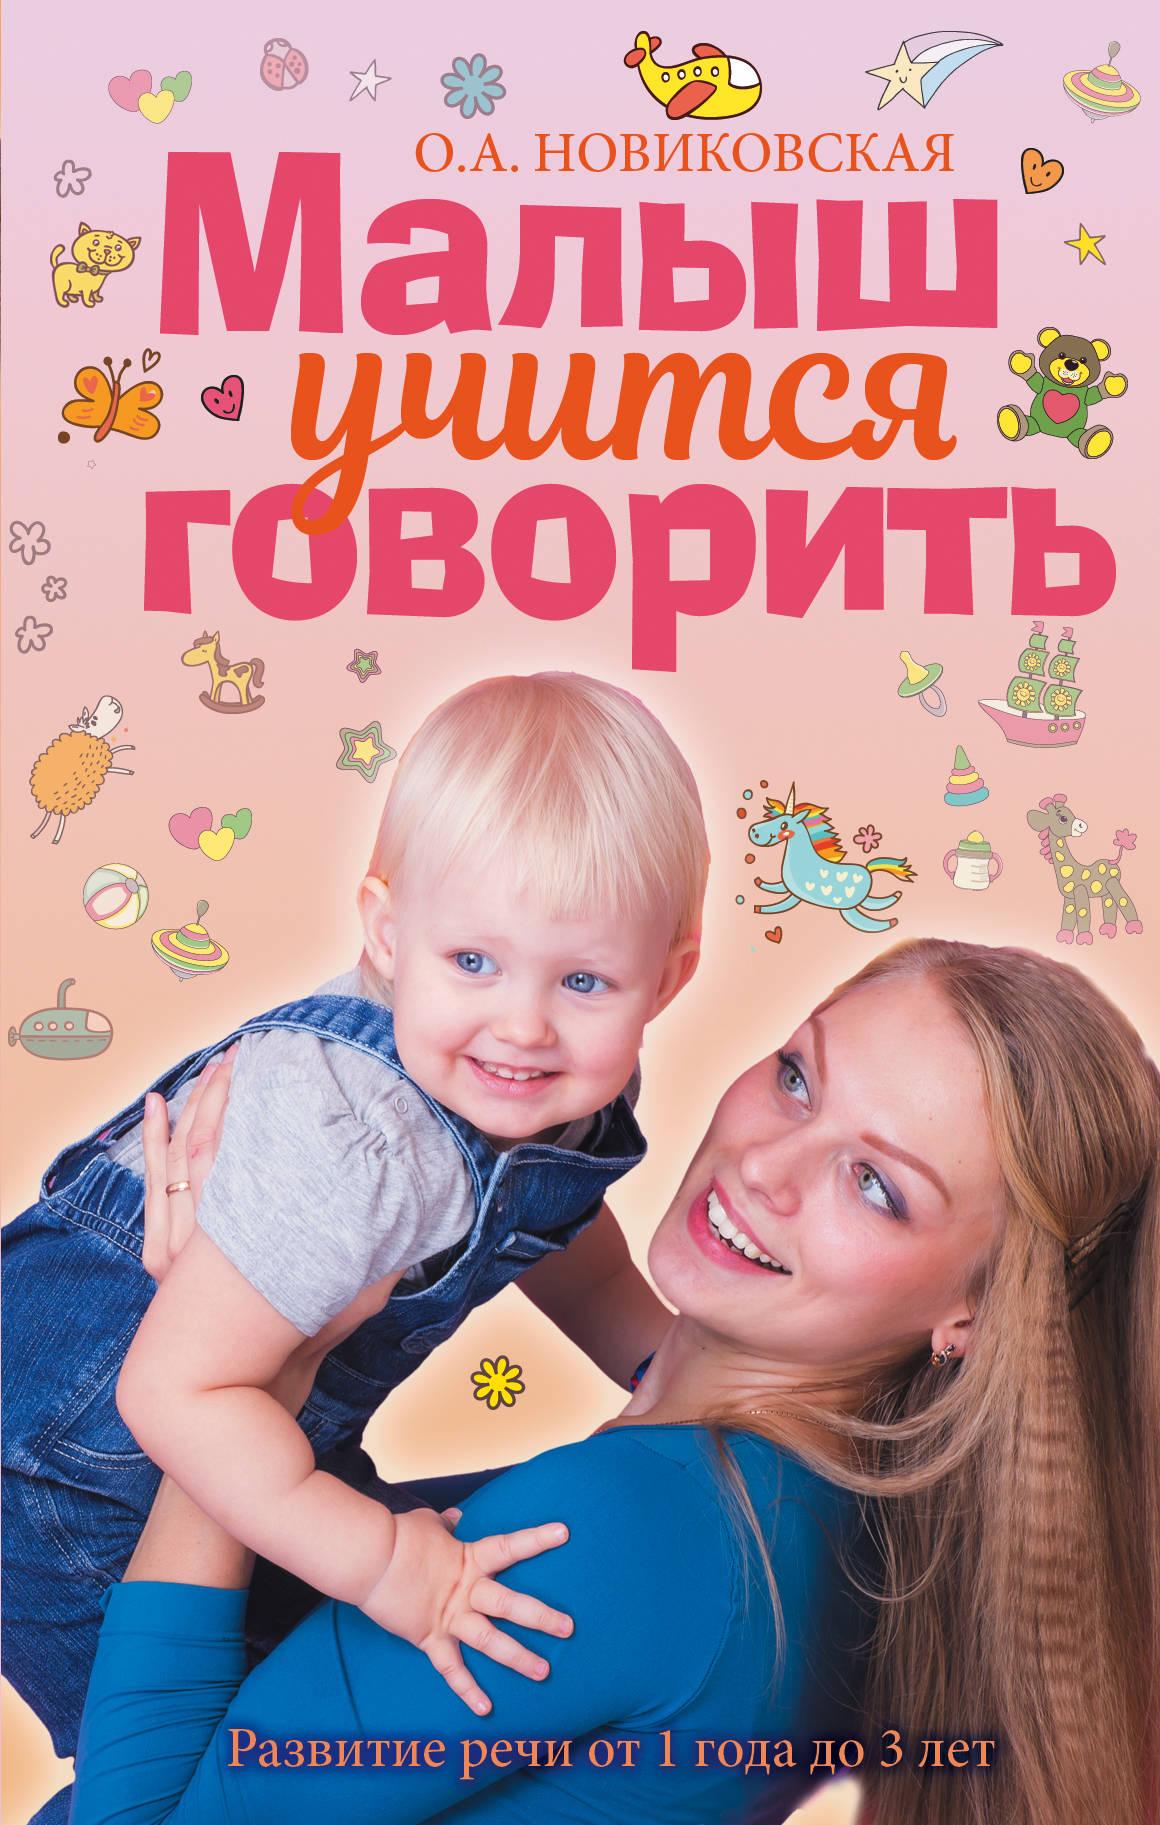 цена на О. А. Новиковская Малыш учится говорить. Развитие речи 1-3 лет